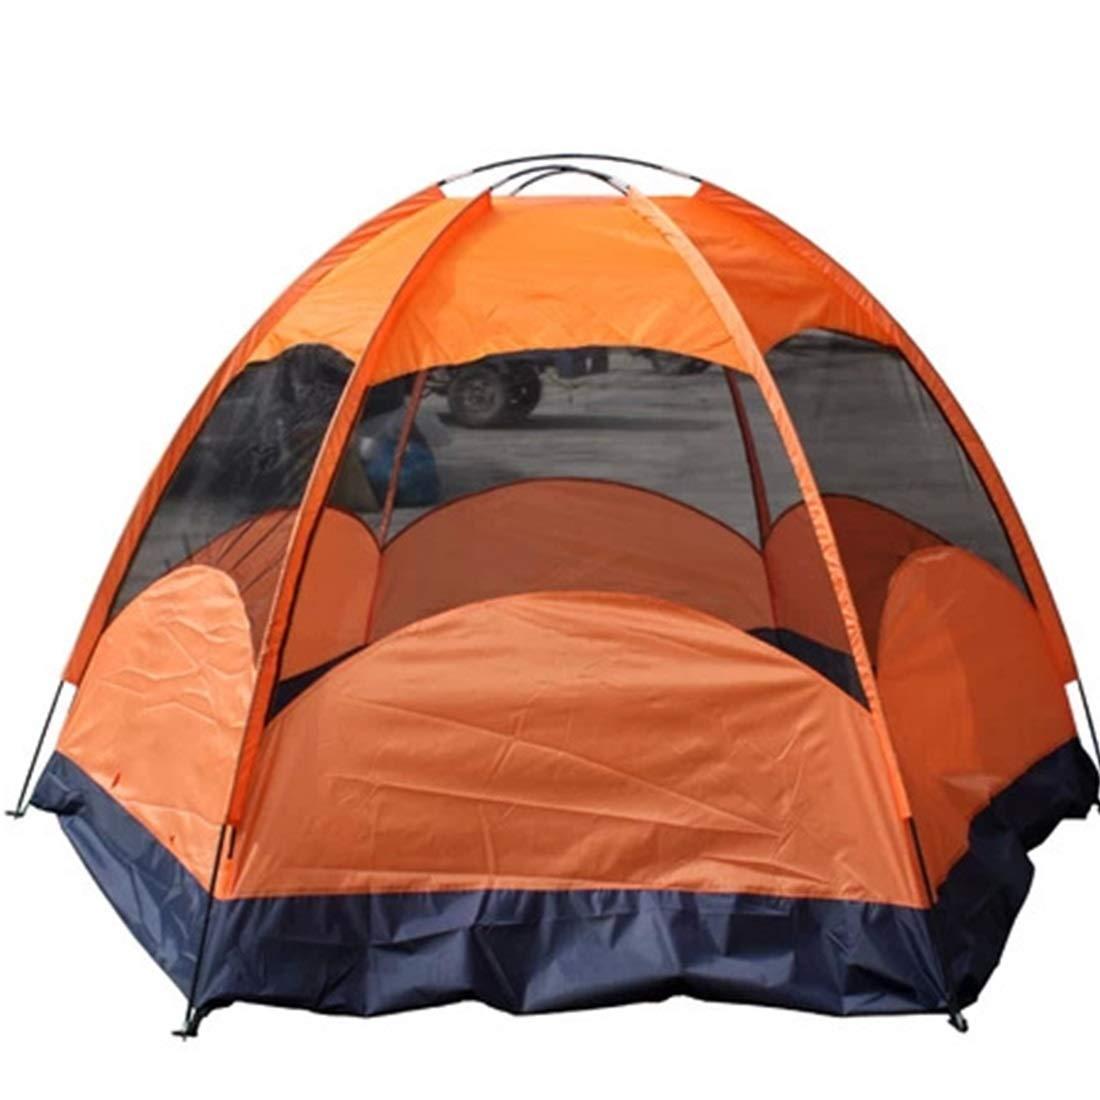 Jakiload 8 Personen und 5 Personen Outdoor-Zelt für Wilde Camping (Farbe : Orange)